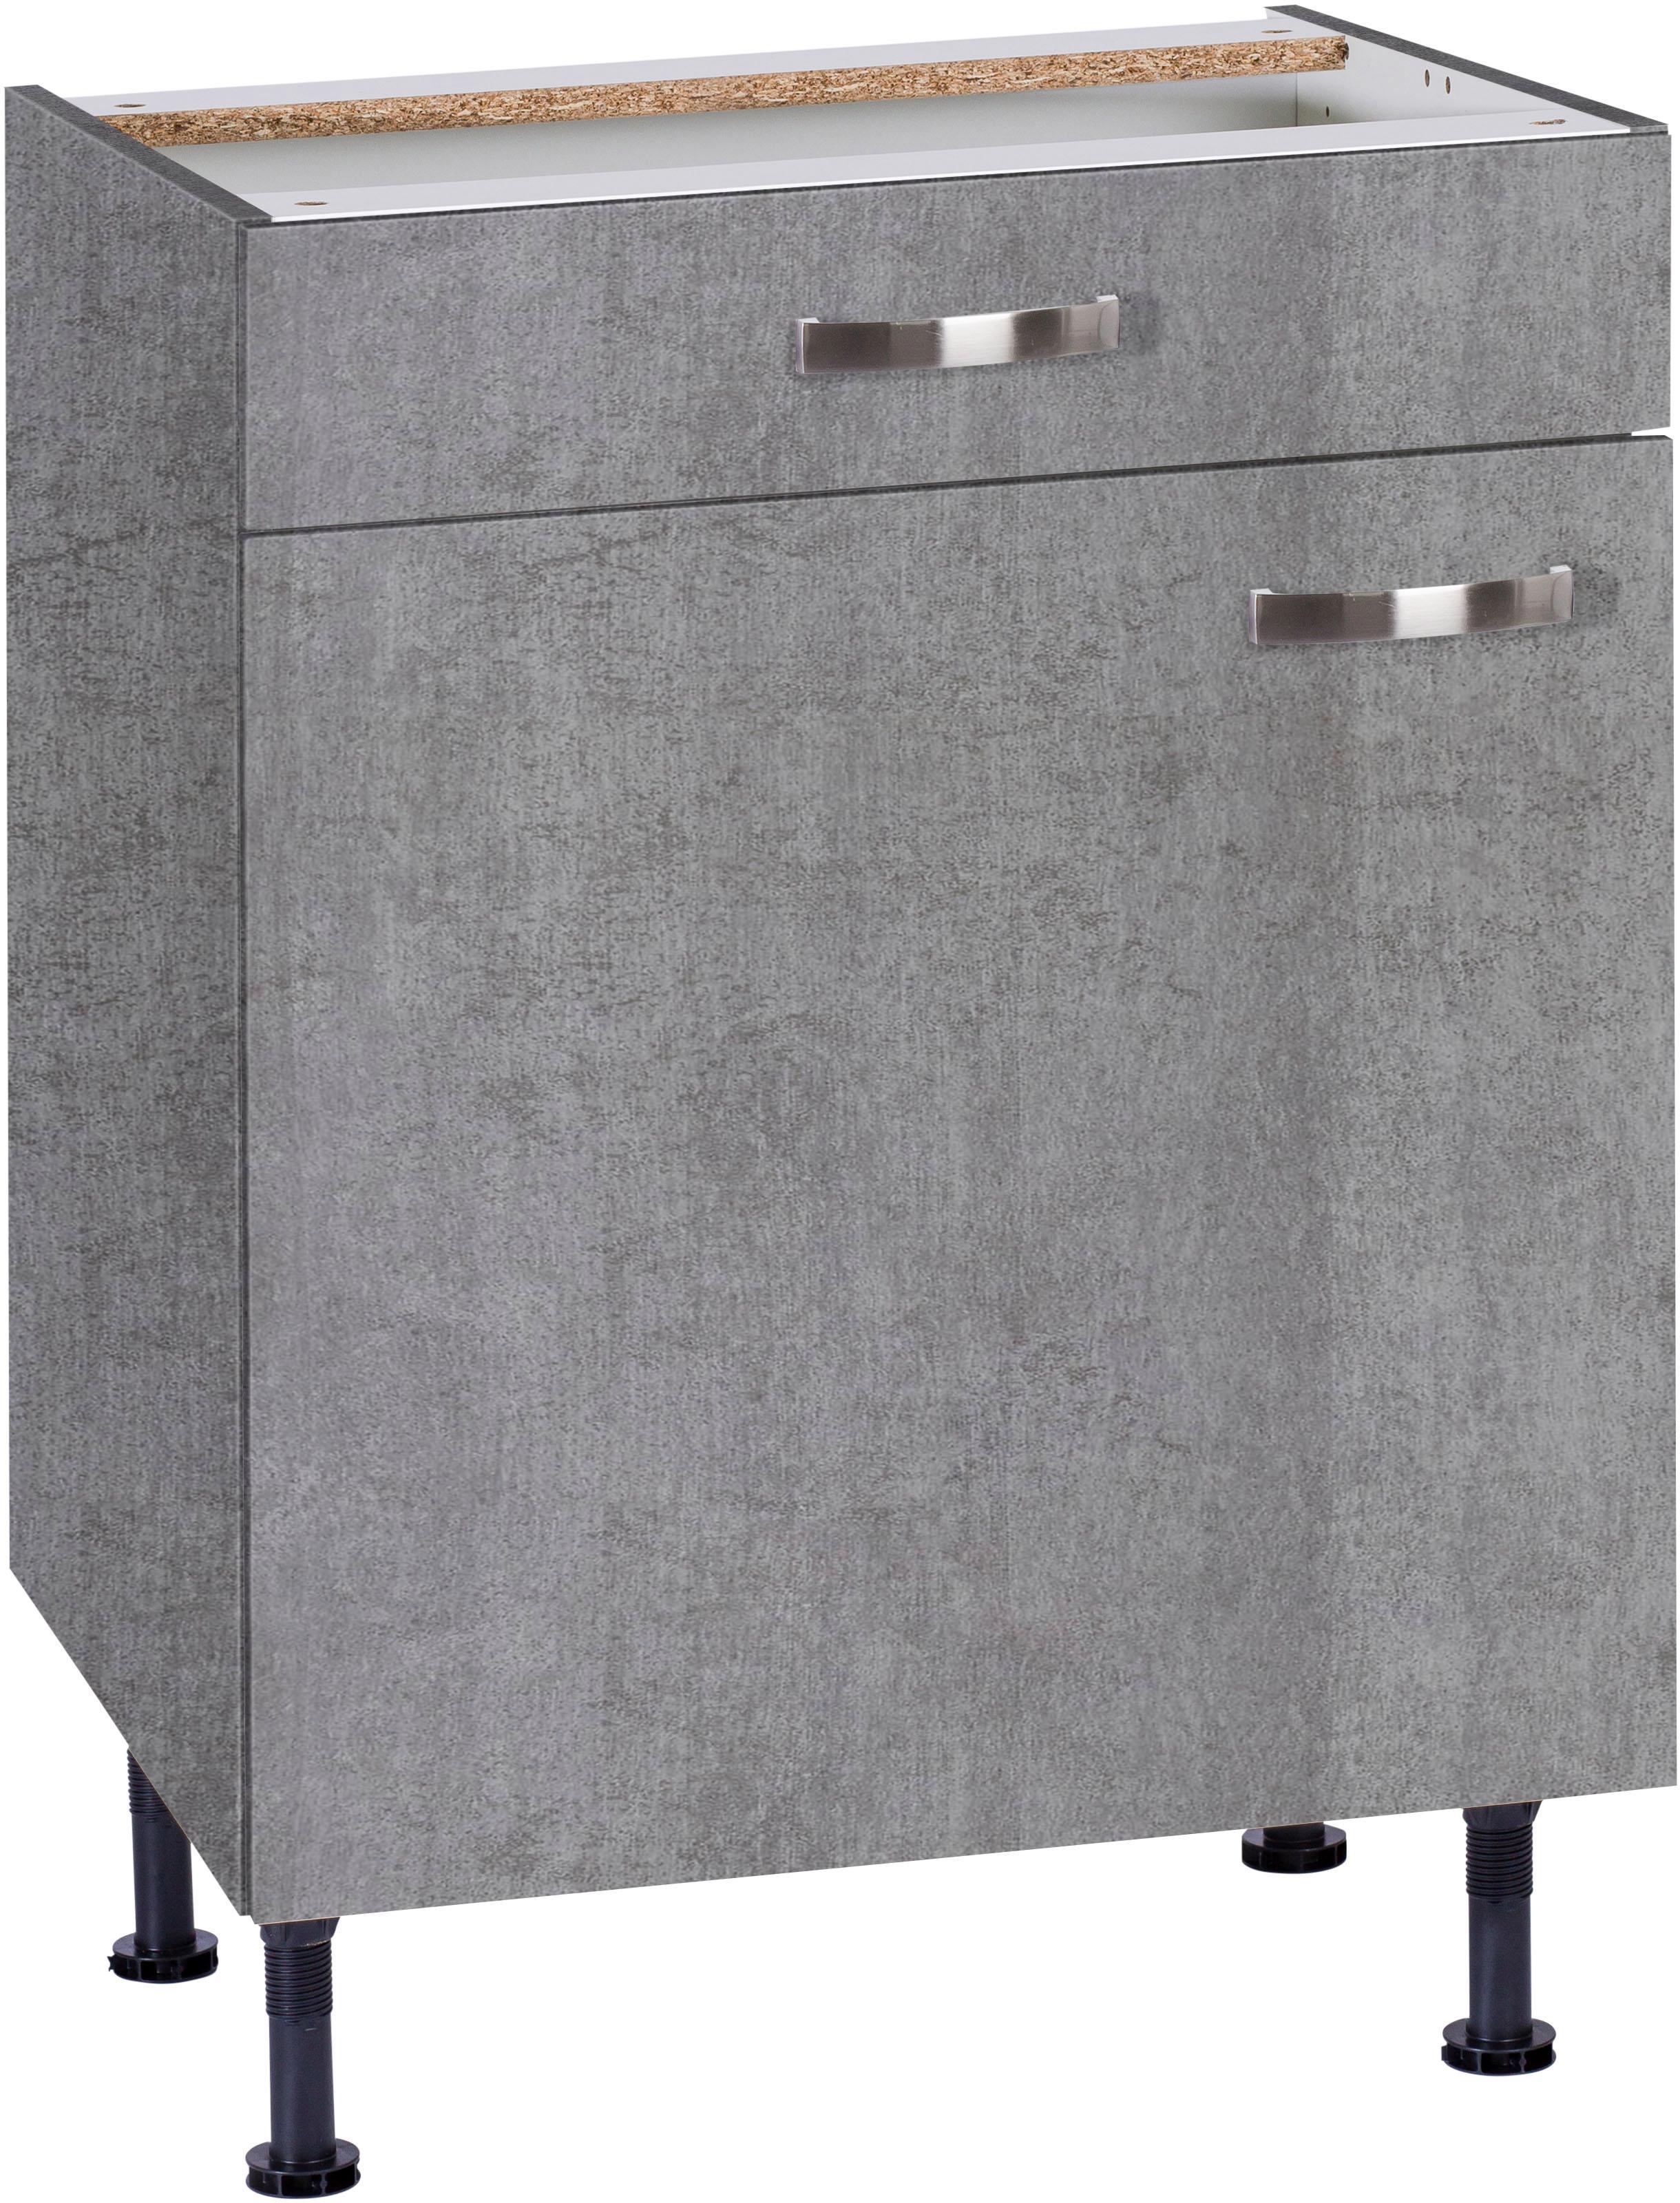 betongrau-metall Küchen-Unterschränke online kaufen   Möbel ...